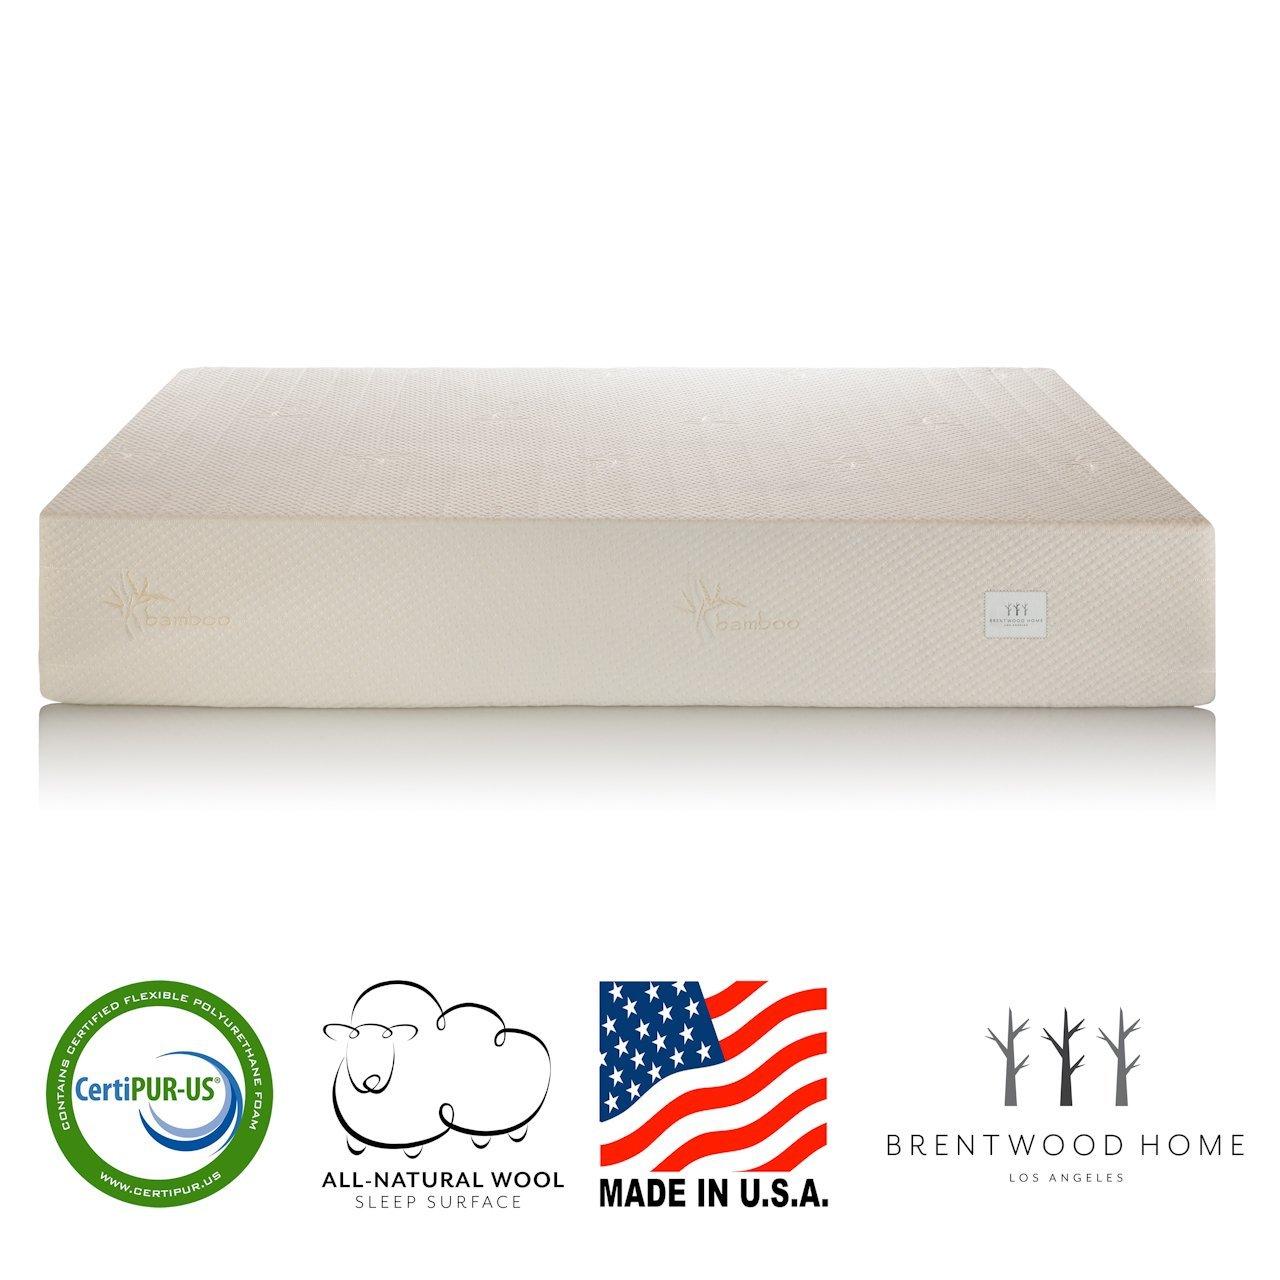 best mattress for back pain, memory foam mattress, cooling mattress